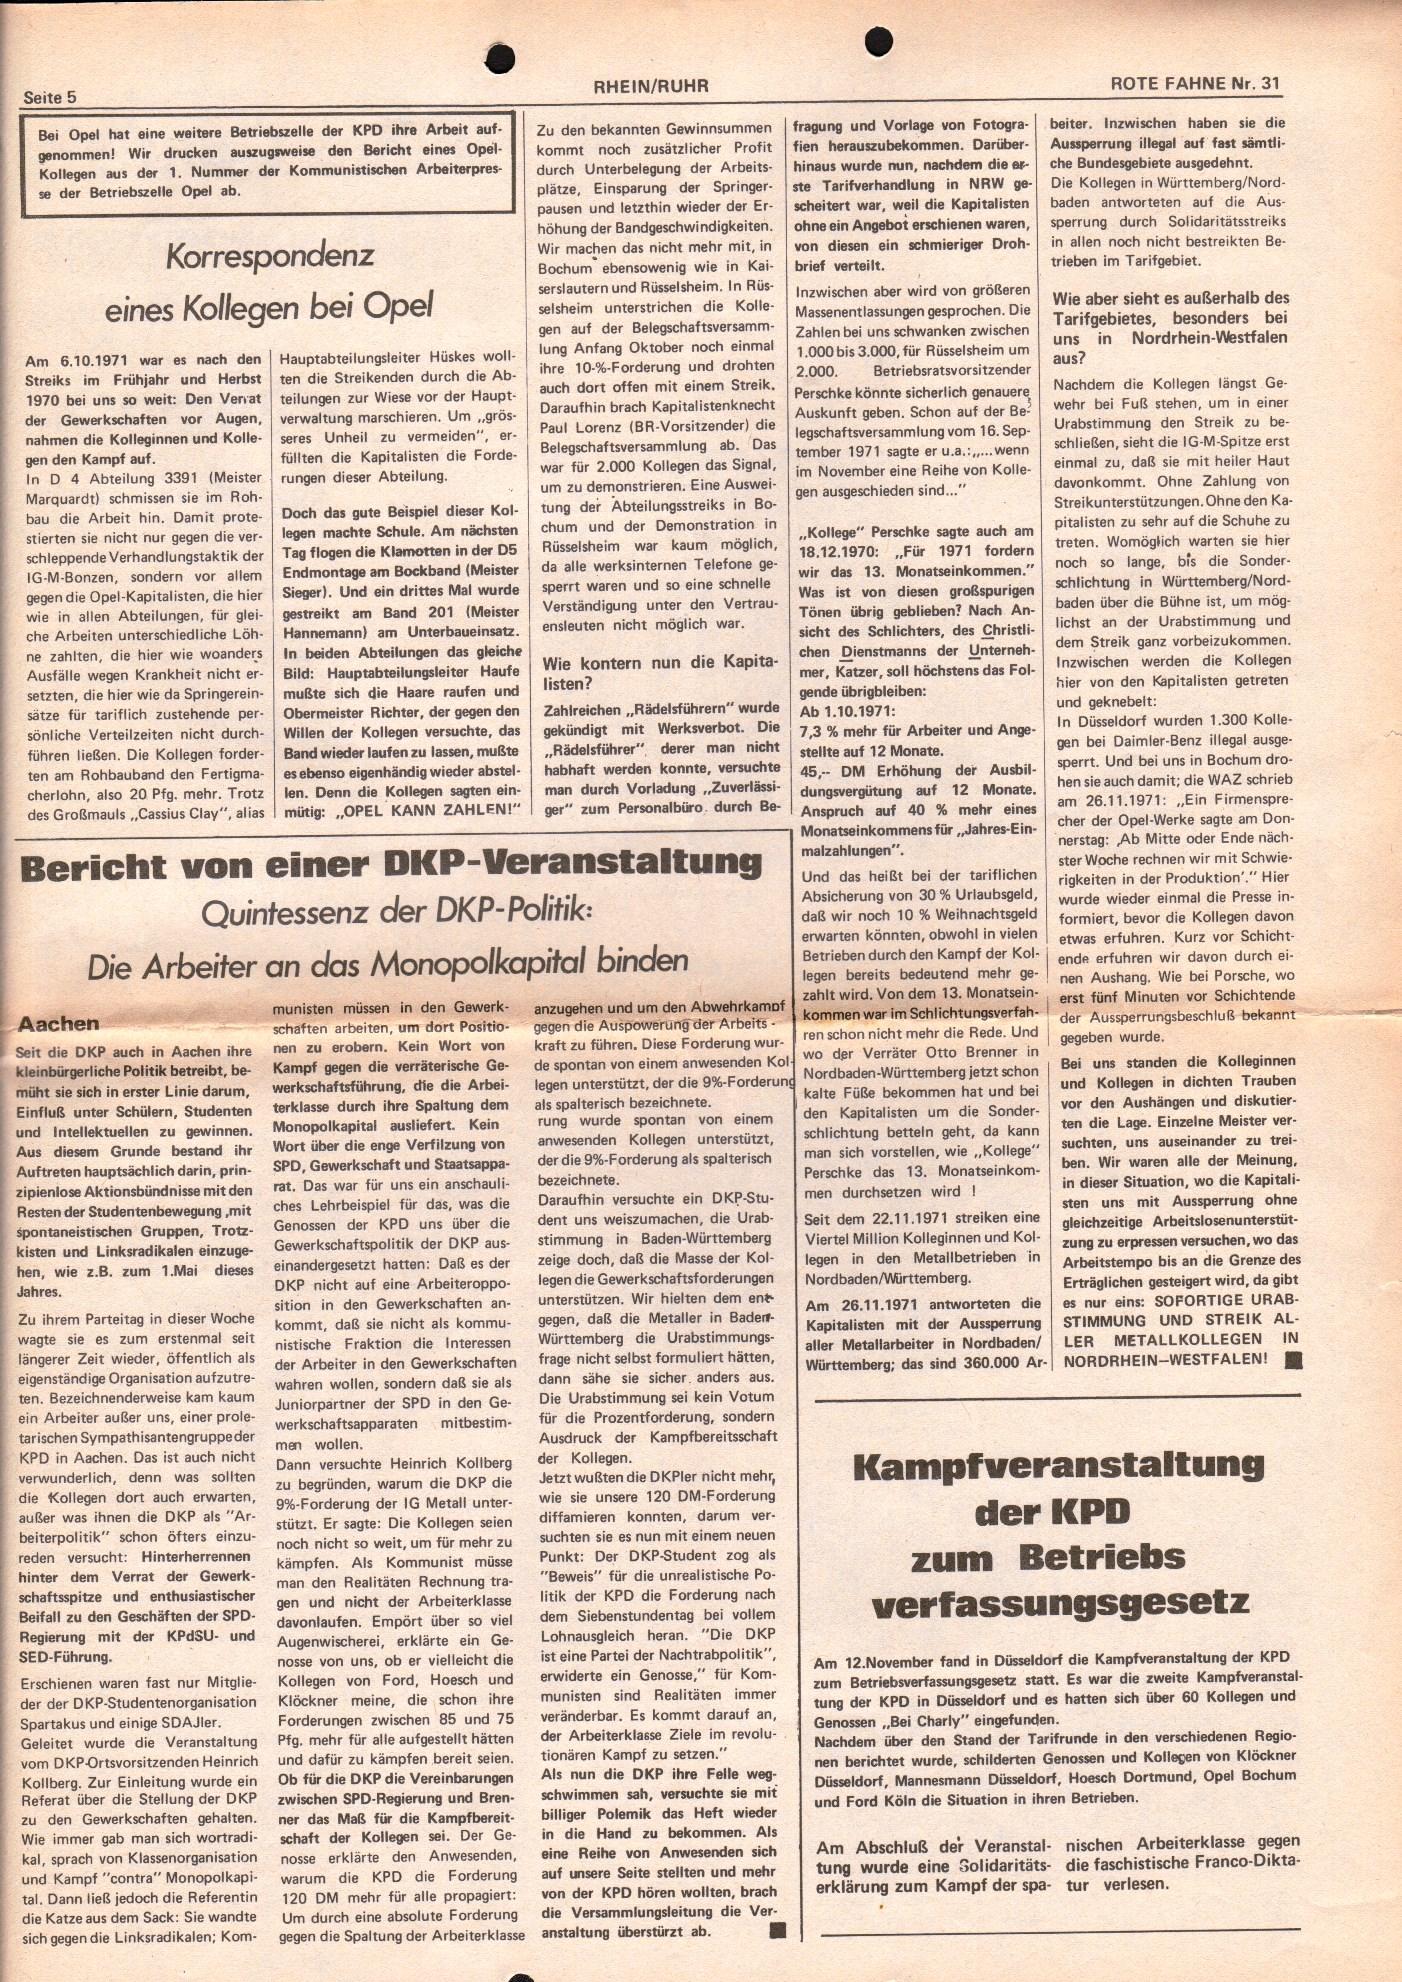 KPD_Rote_Fahne_1971_31_05